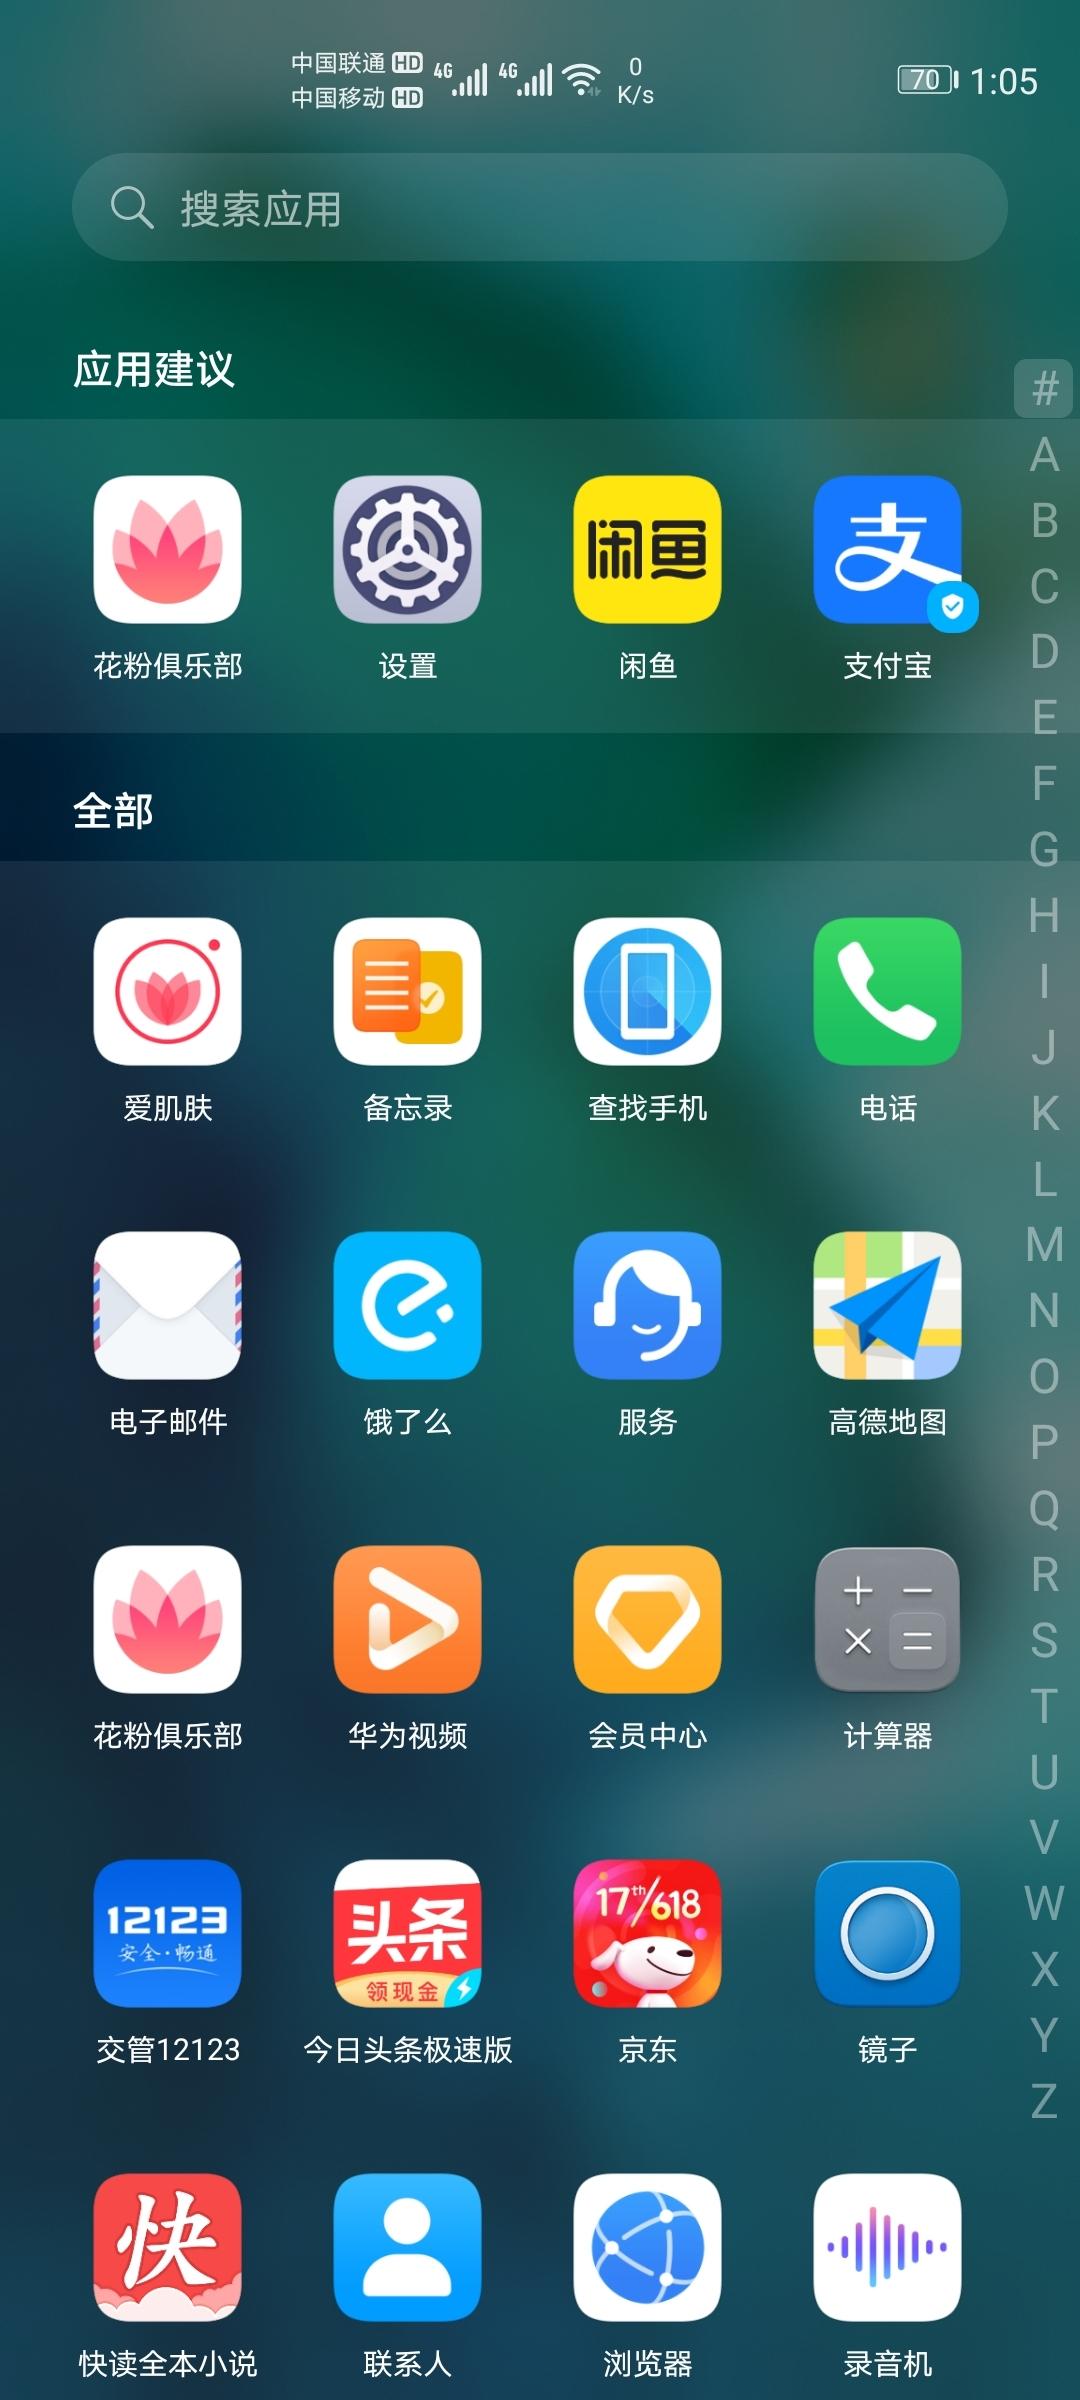 Screenshot_20200611_130515_com.huawei.android.launcher.jpg